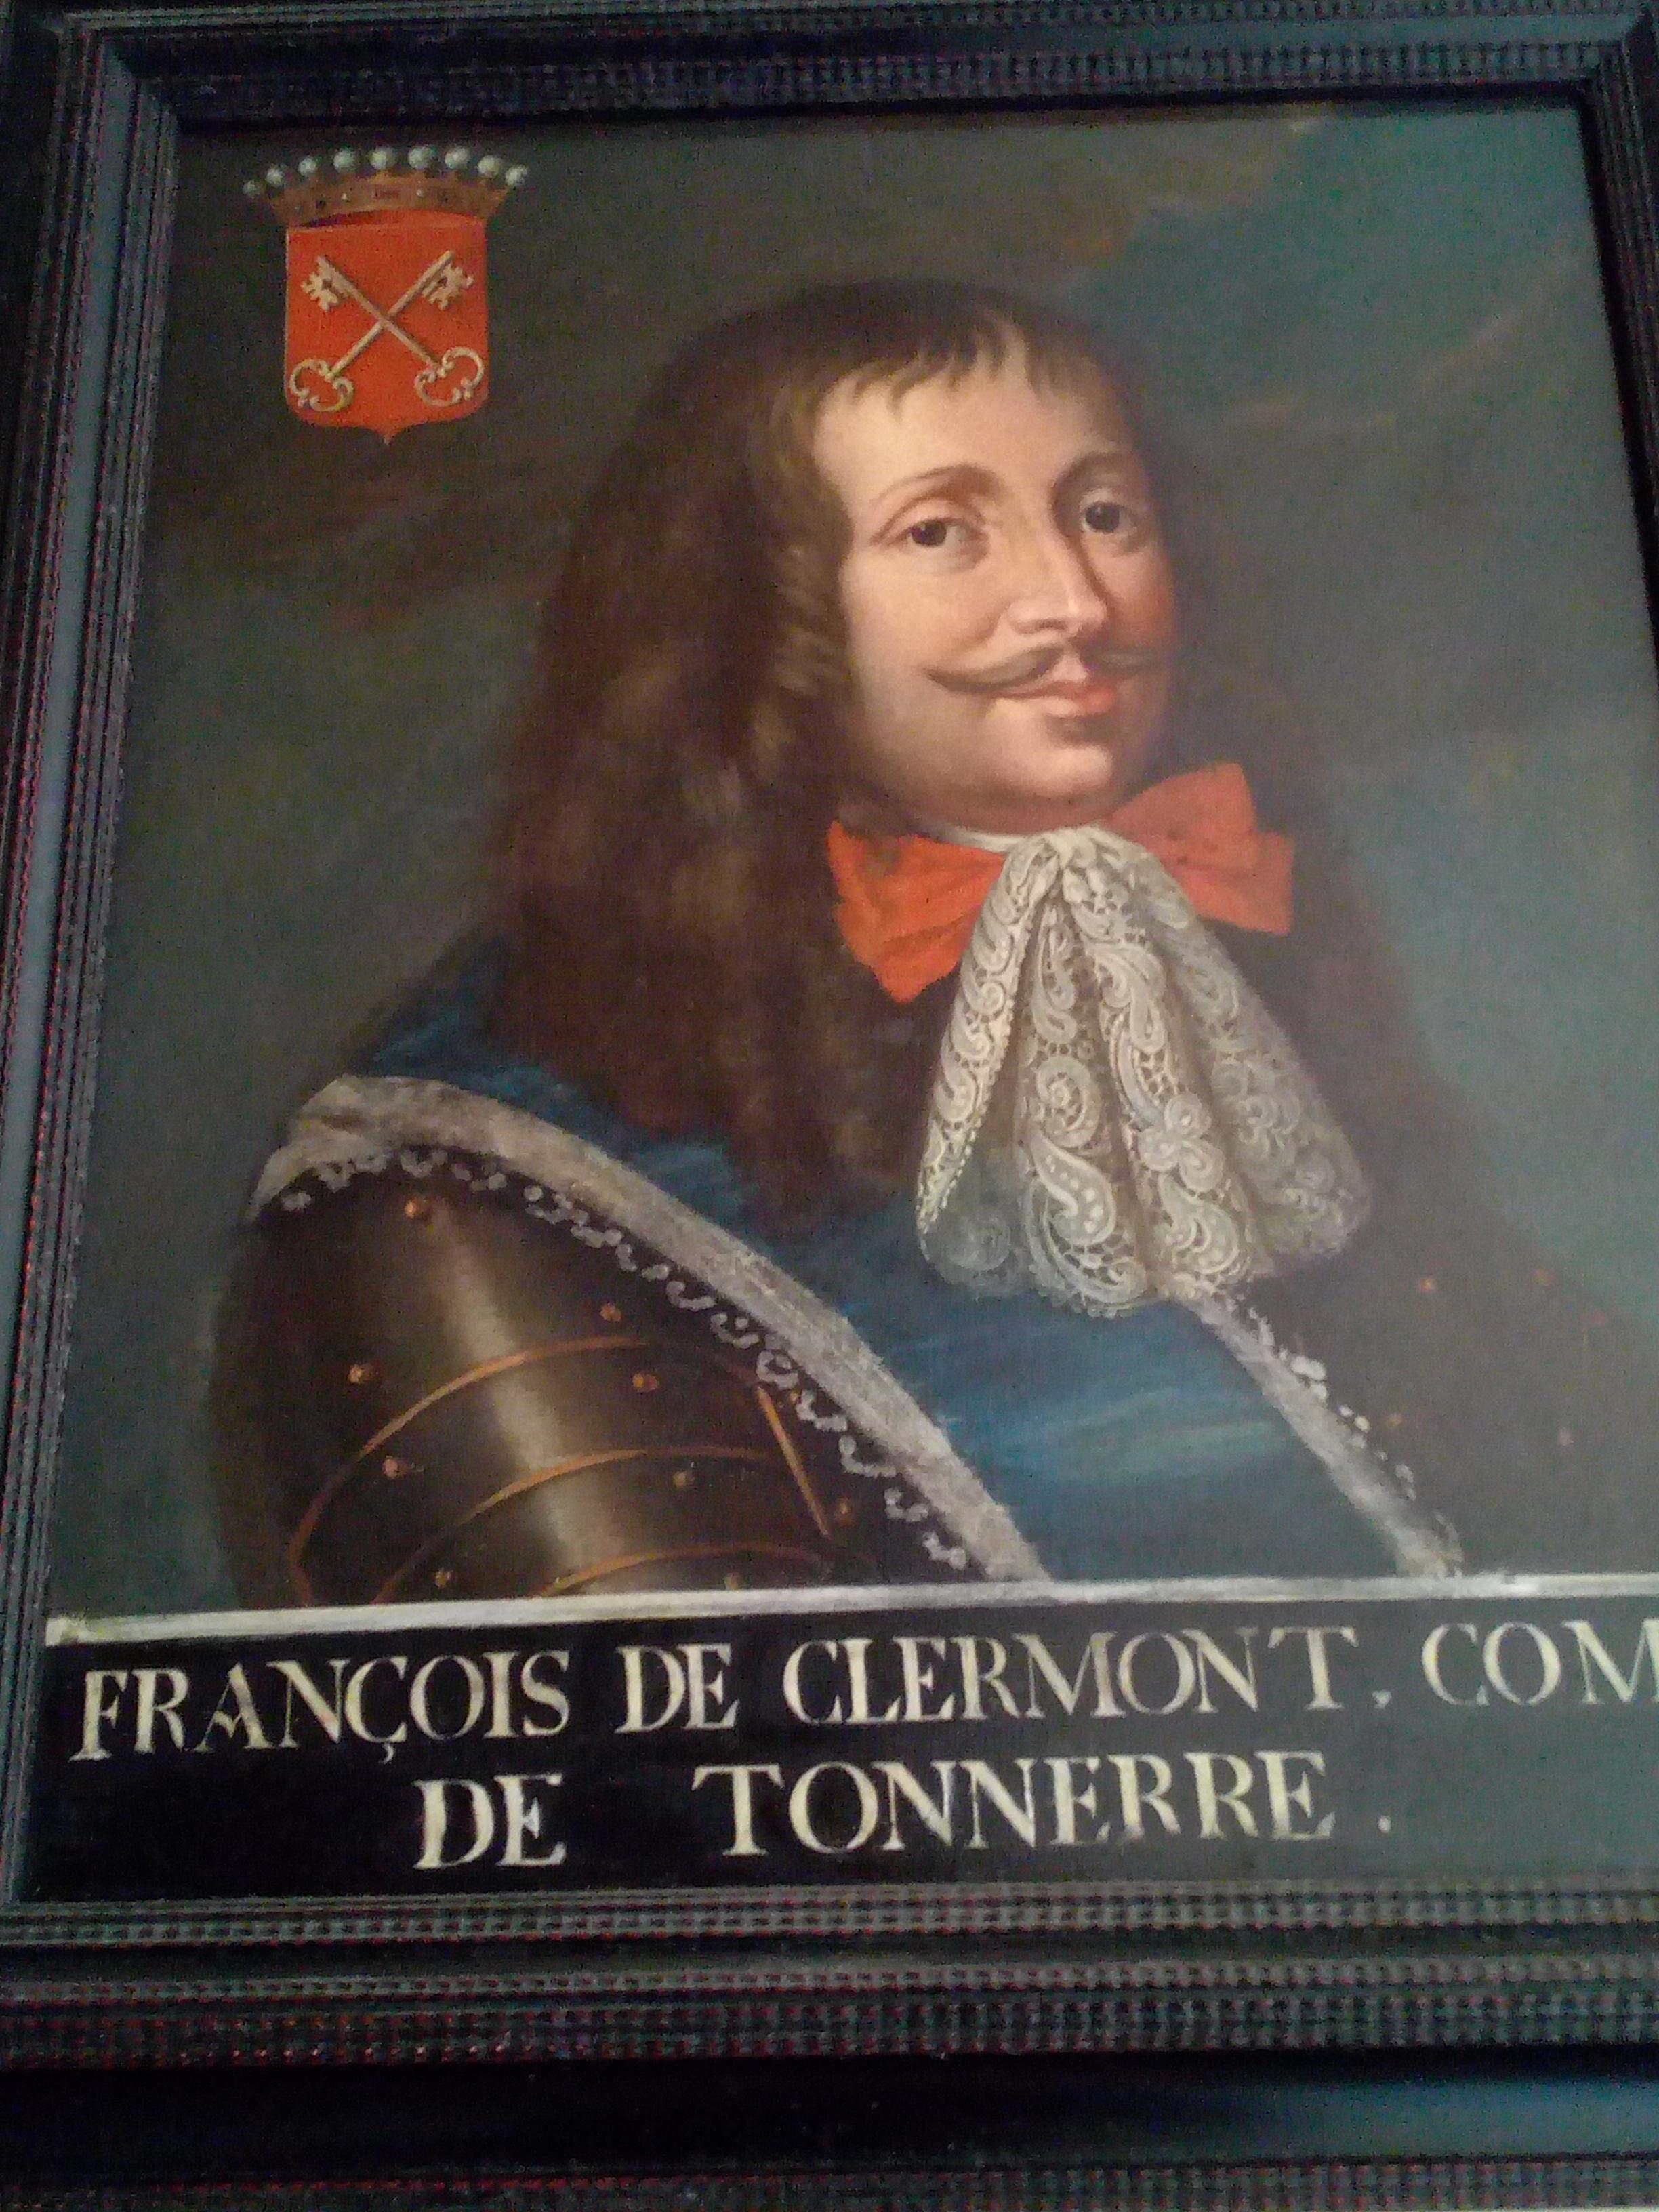 Château d'Ancy-le-Franc François de Clermont-Tonnerre